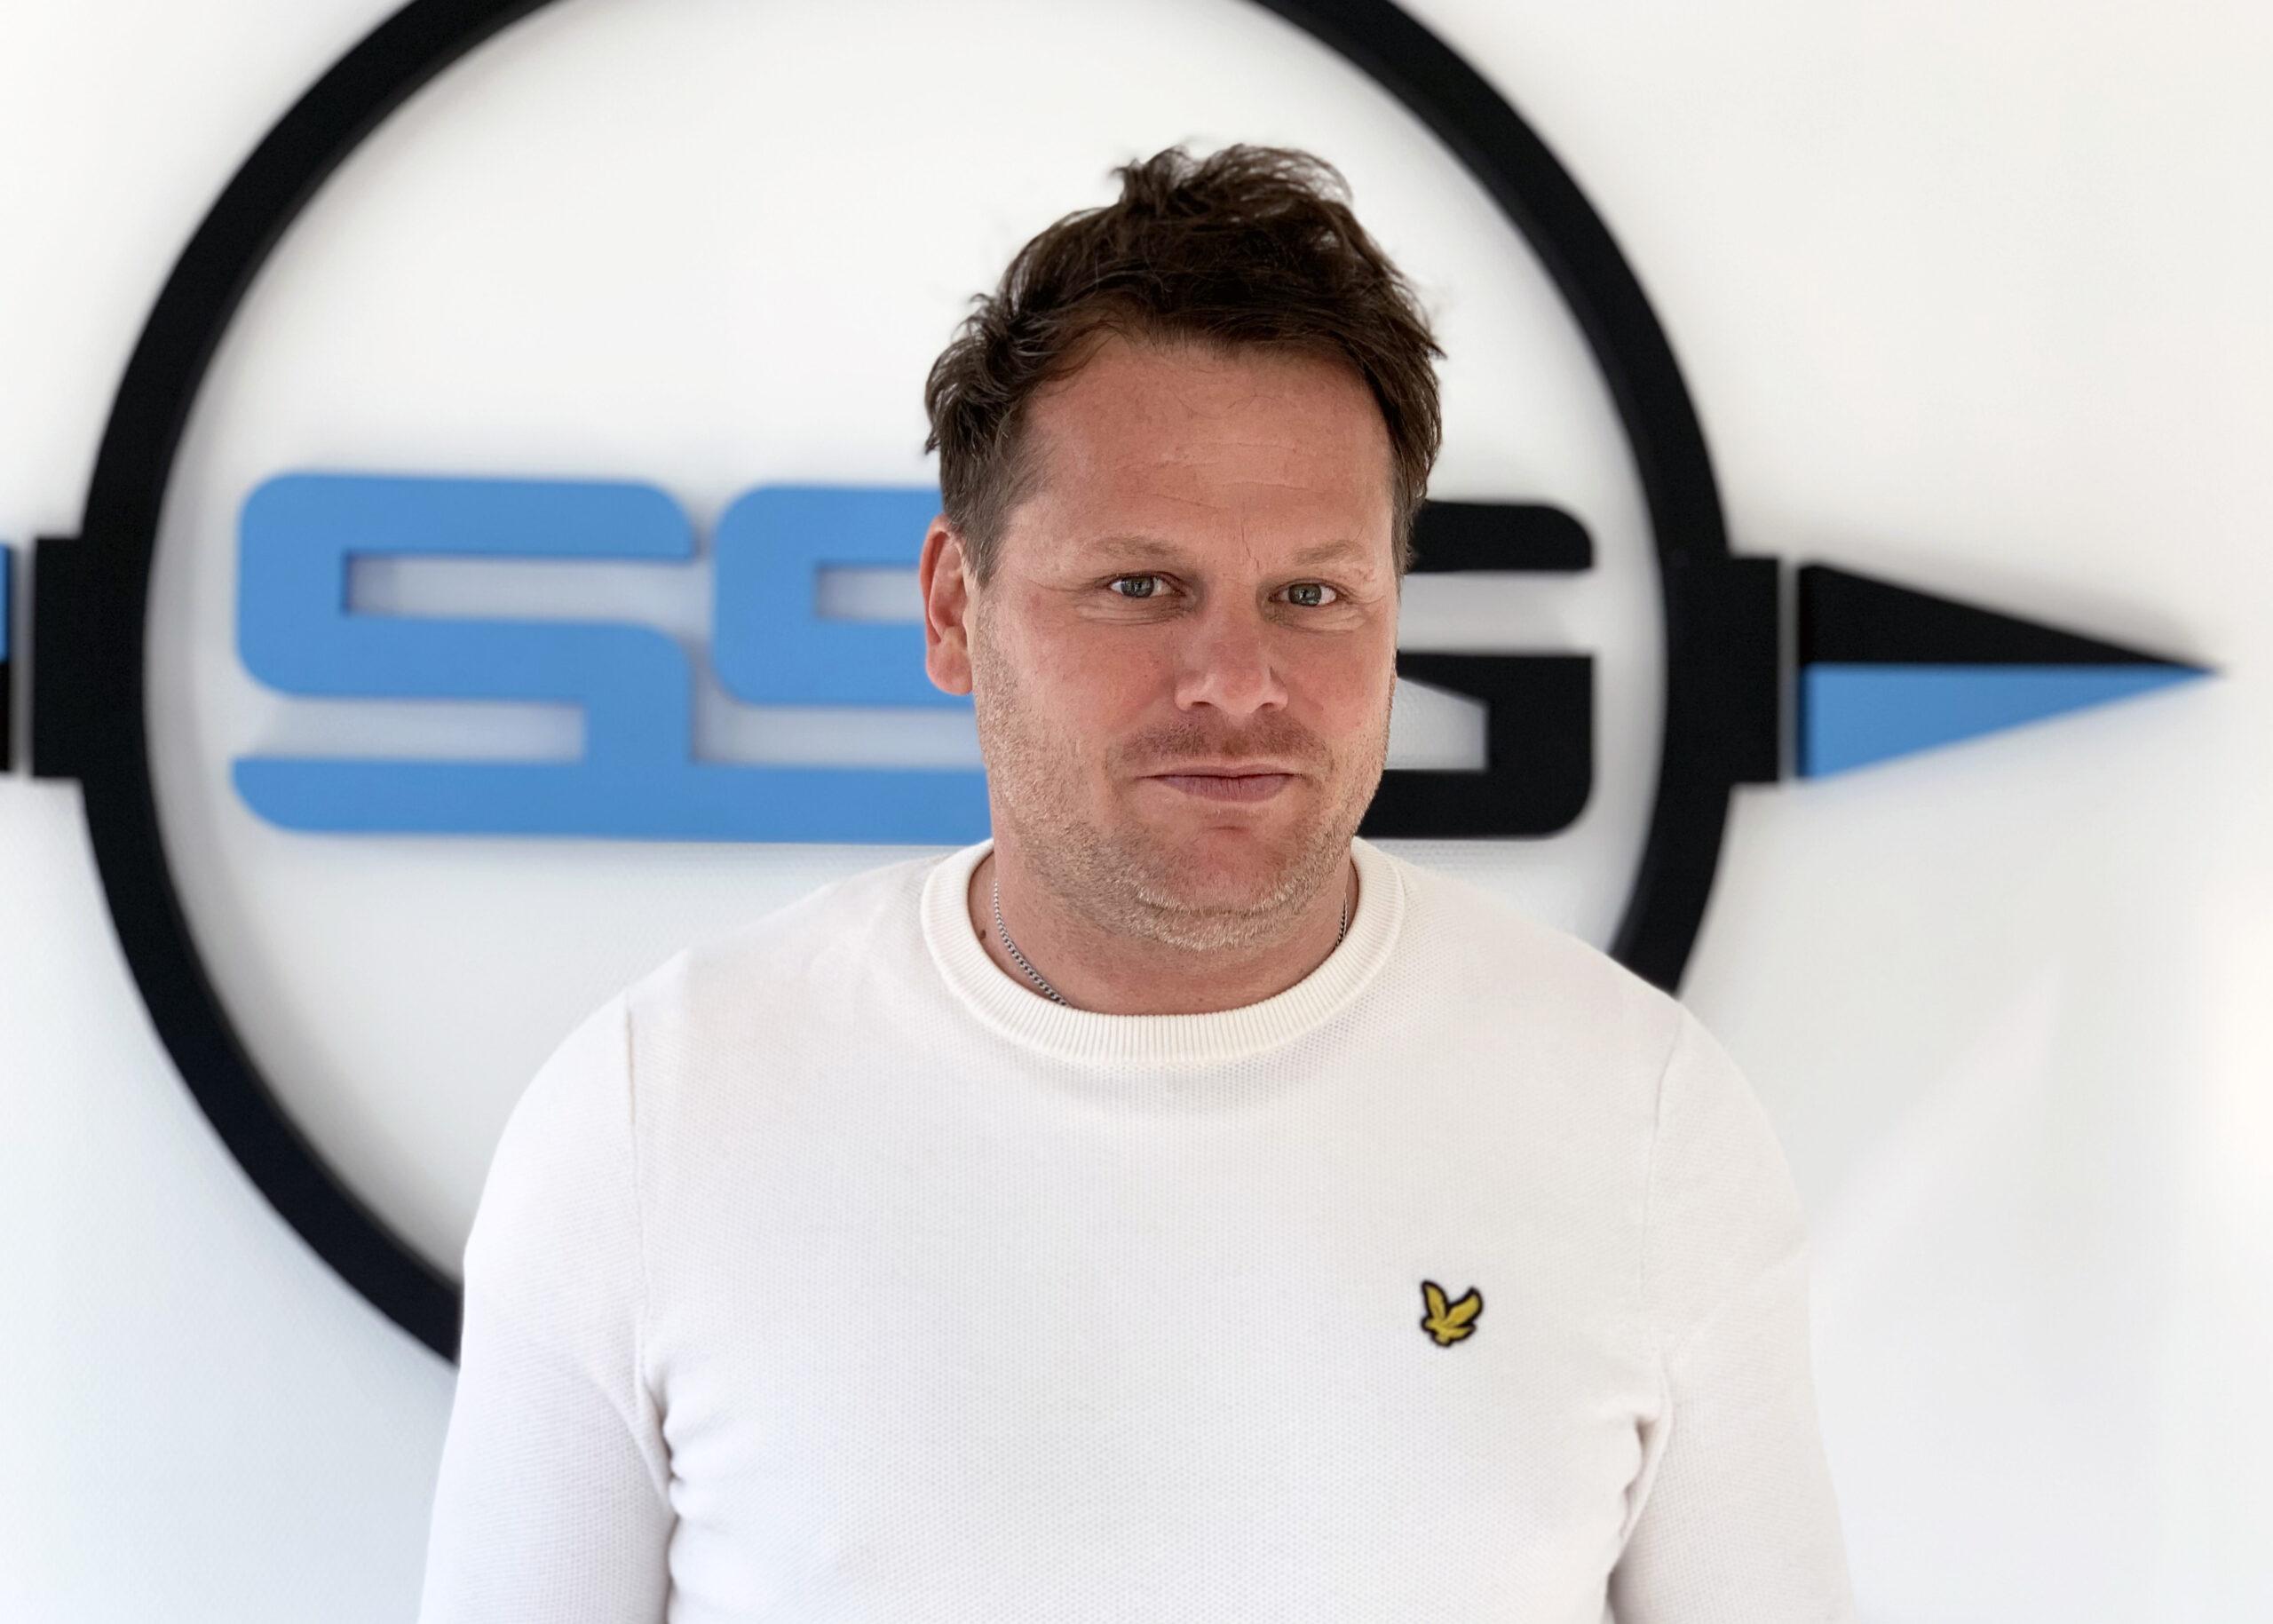 En man klädd i vit tröja ser lite finurlig ut framför en stor svartblå logotype på väggen.